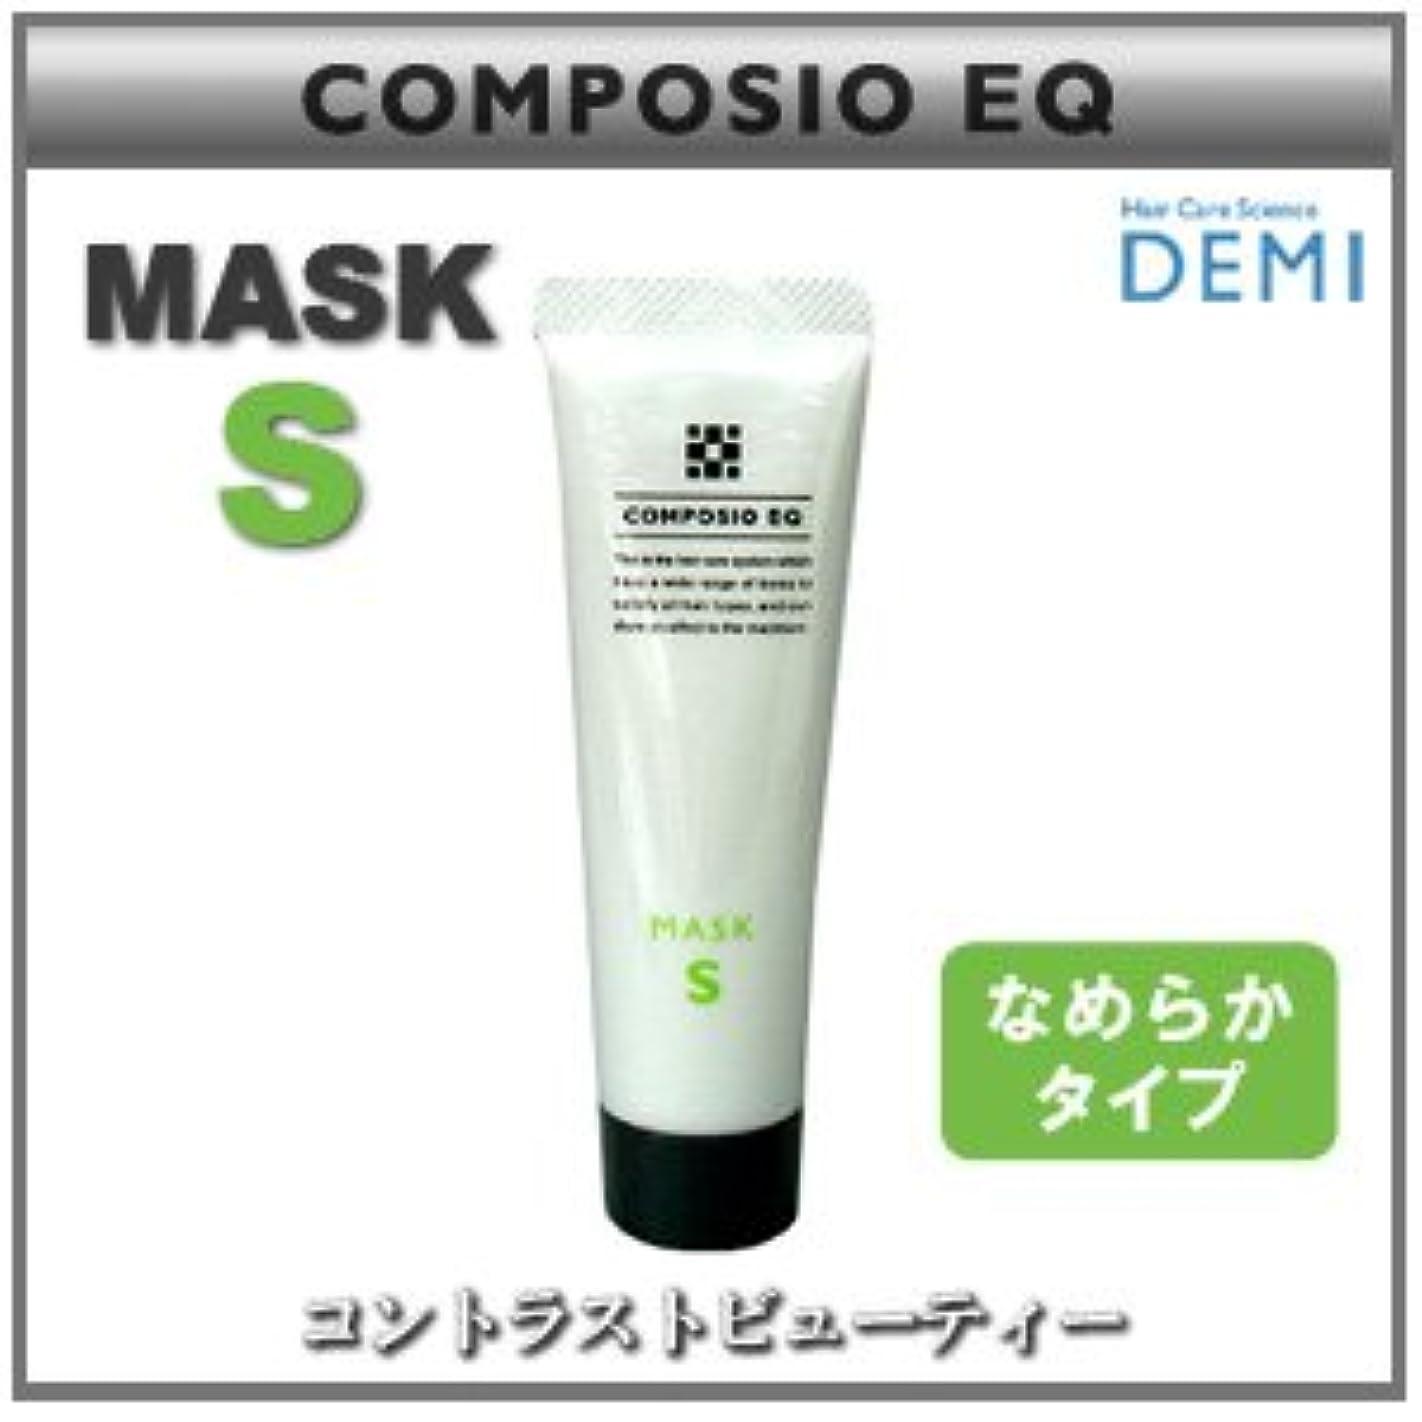 やろう文化所持【X3個セット】 デミ コンポジオ EQ マスク S 50g